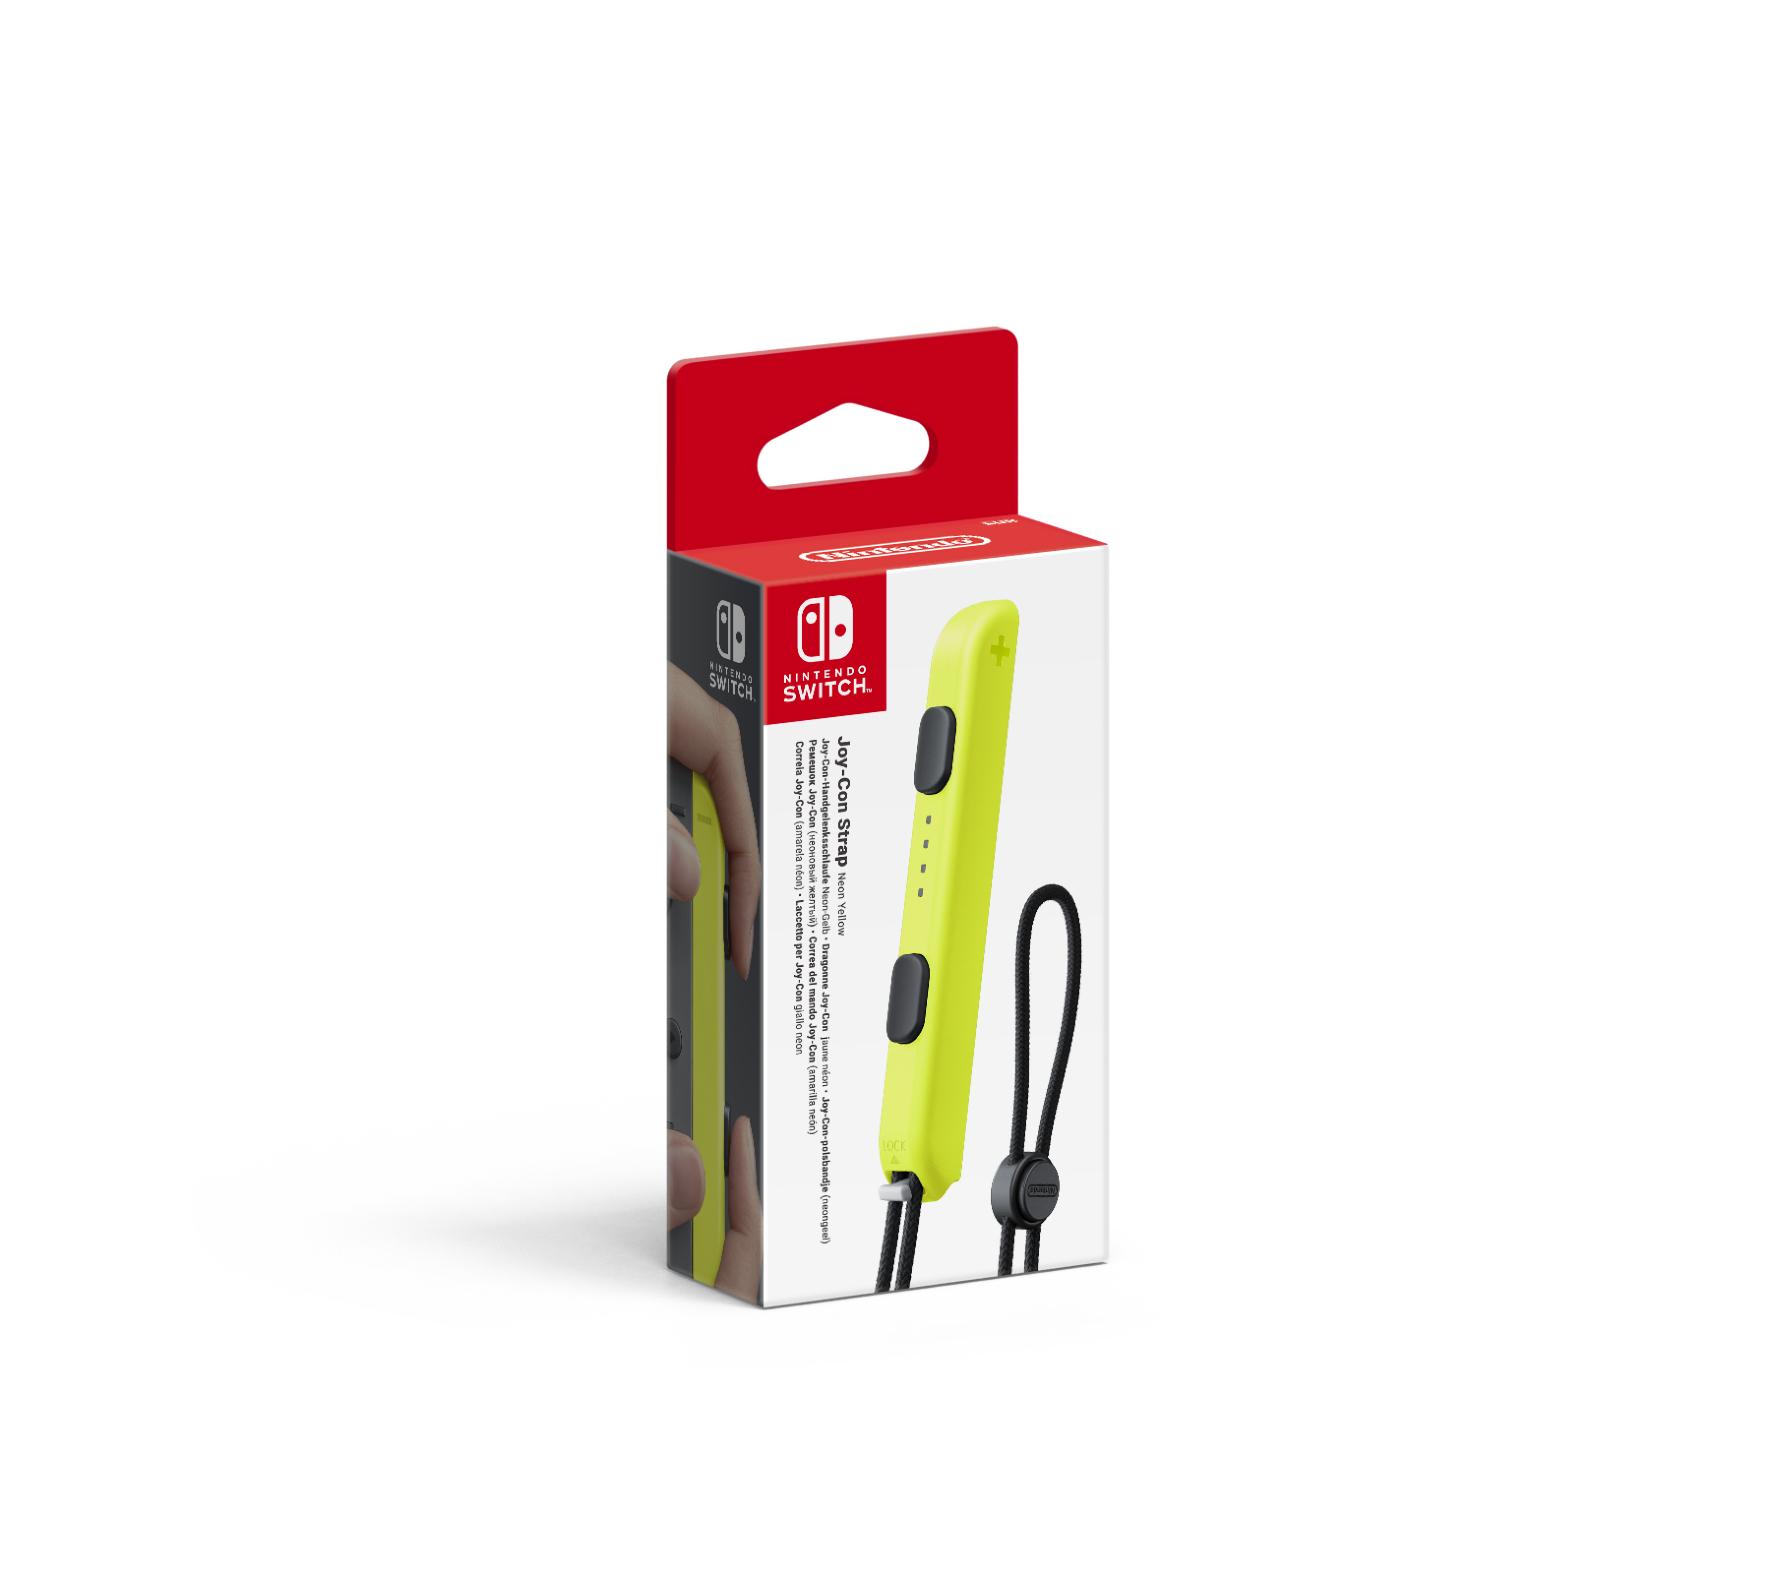 SWITCH HAC LACCETTO PER JOY Nintendo Switch: Laccetto per Joy-Con - CON GIALLO N